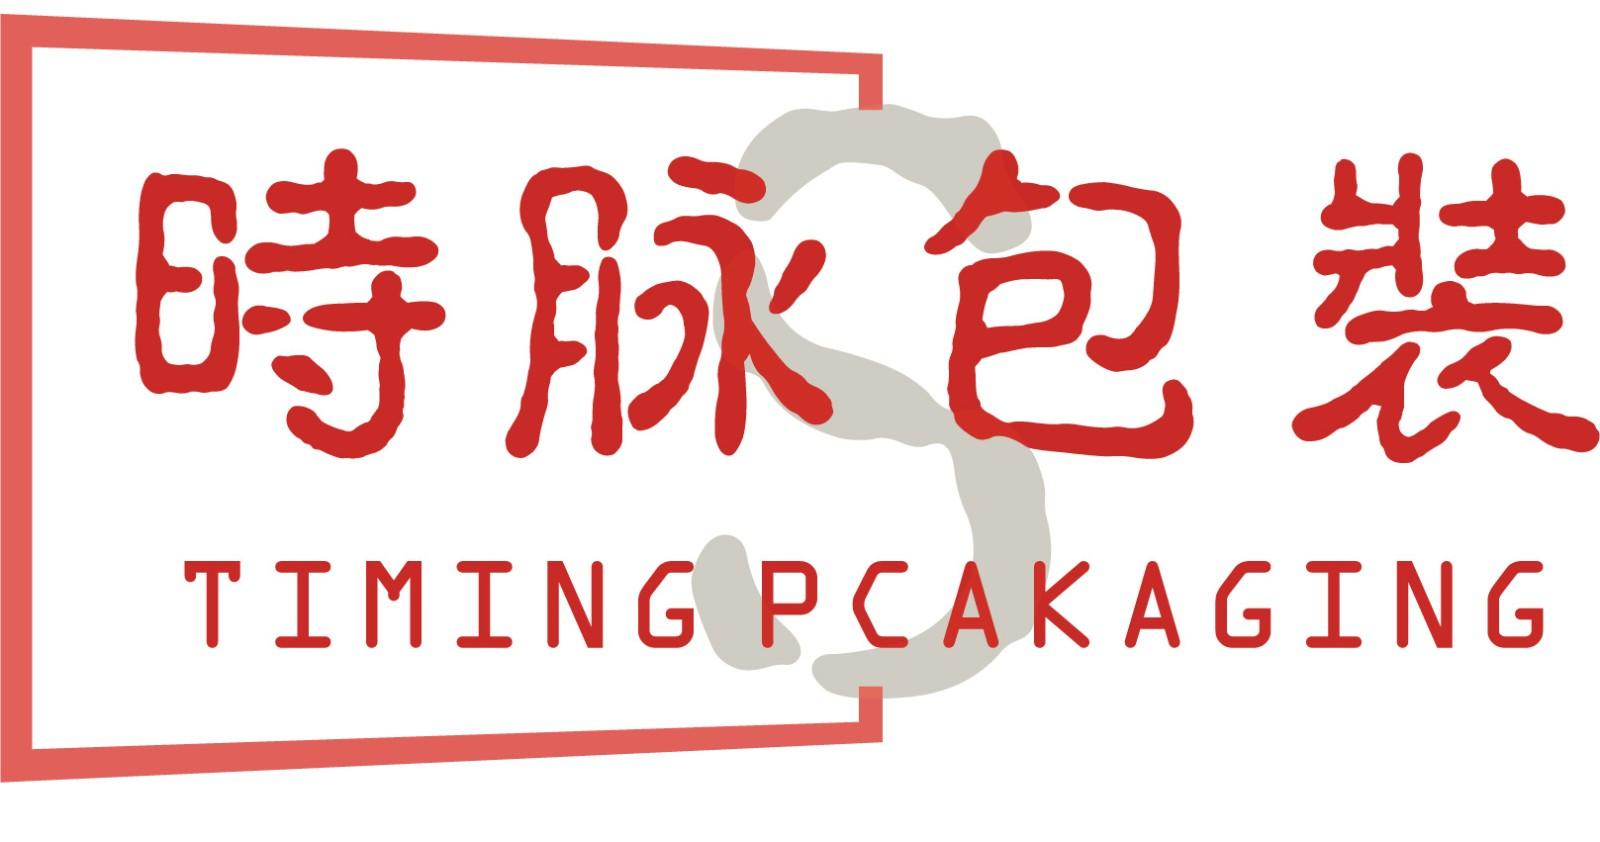 慈溪市时脉包装有限公司的企业标志